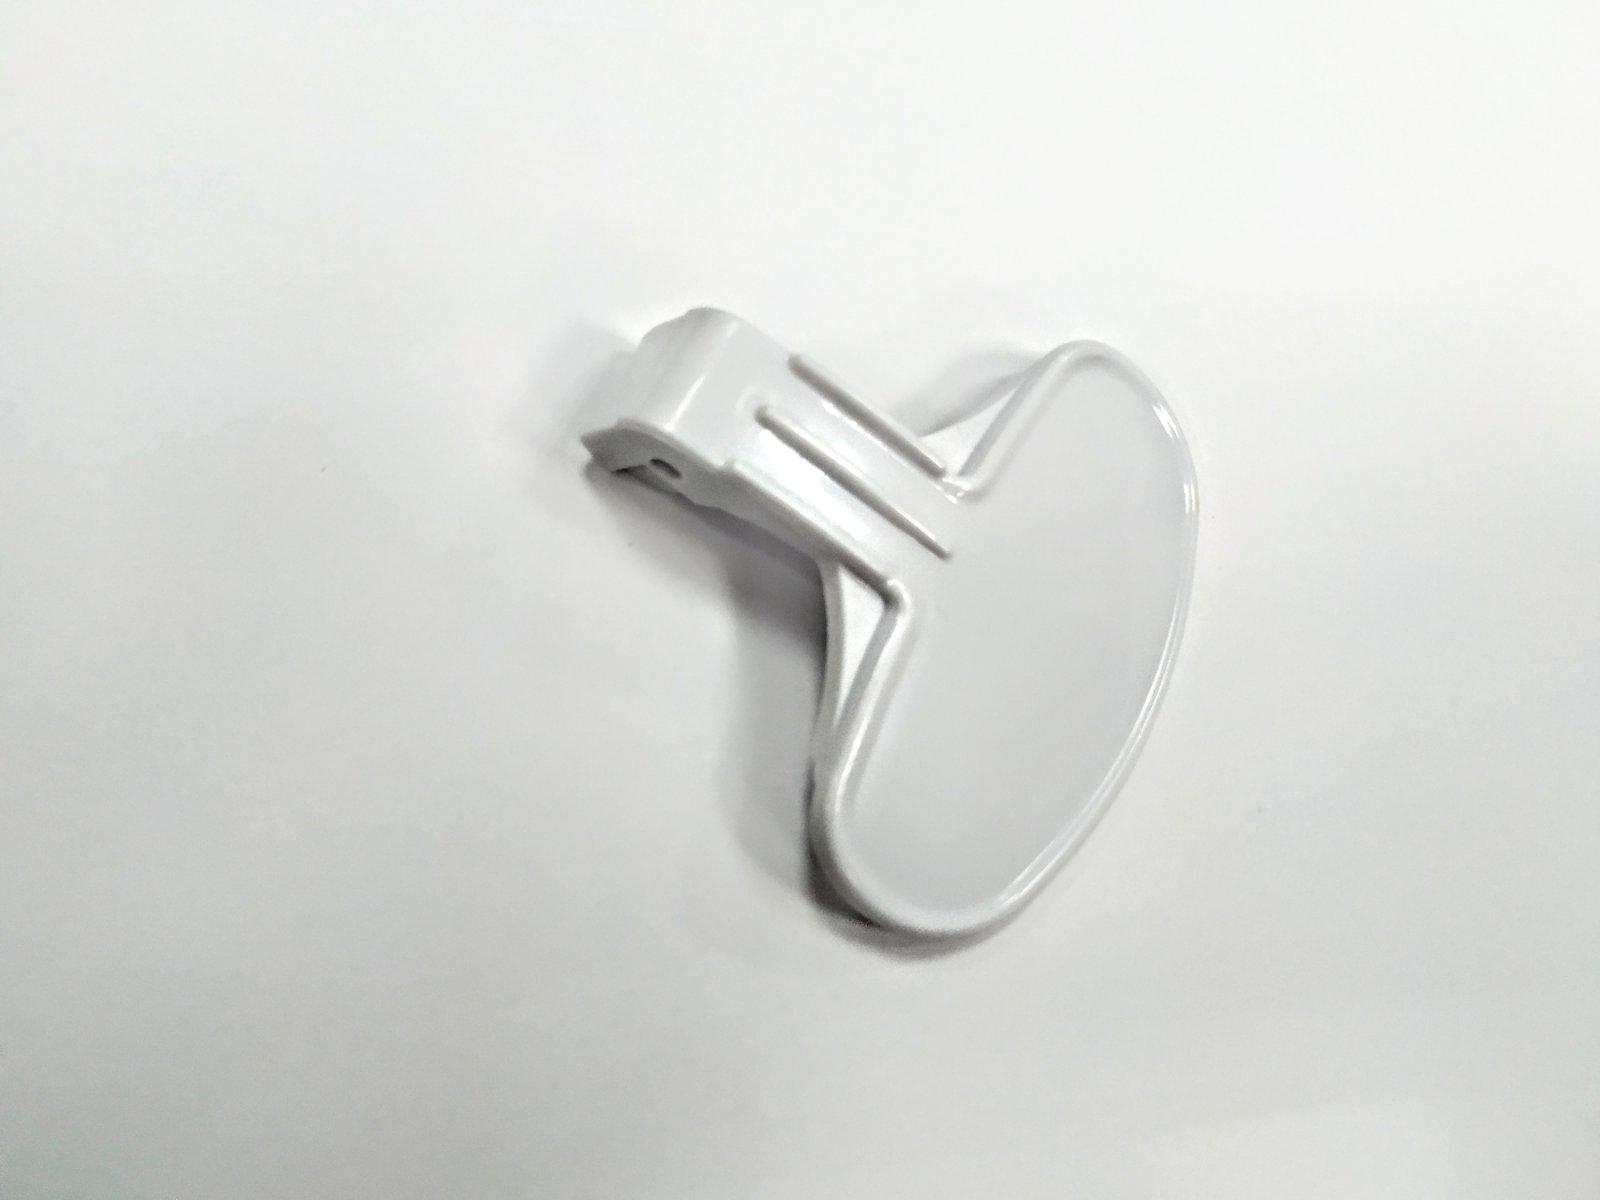 Ручка люка для стиральной машины Candy 41010388